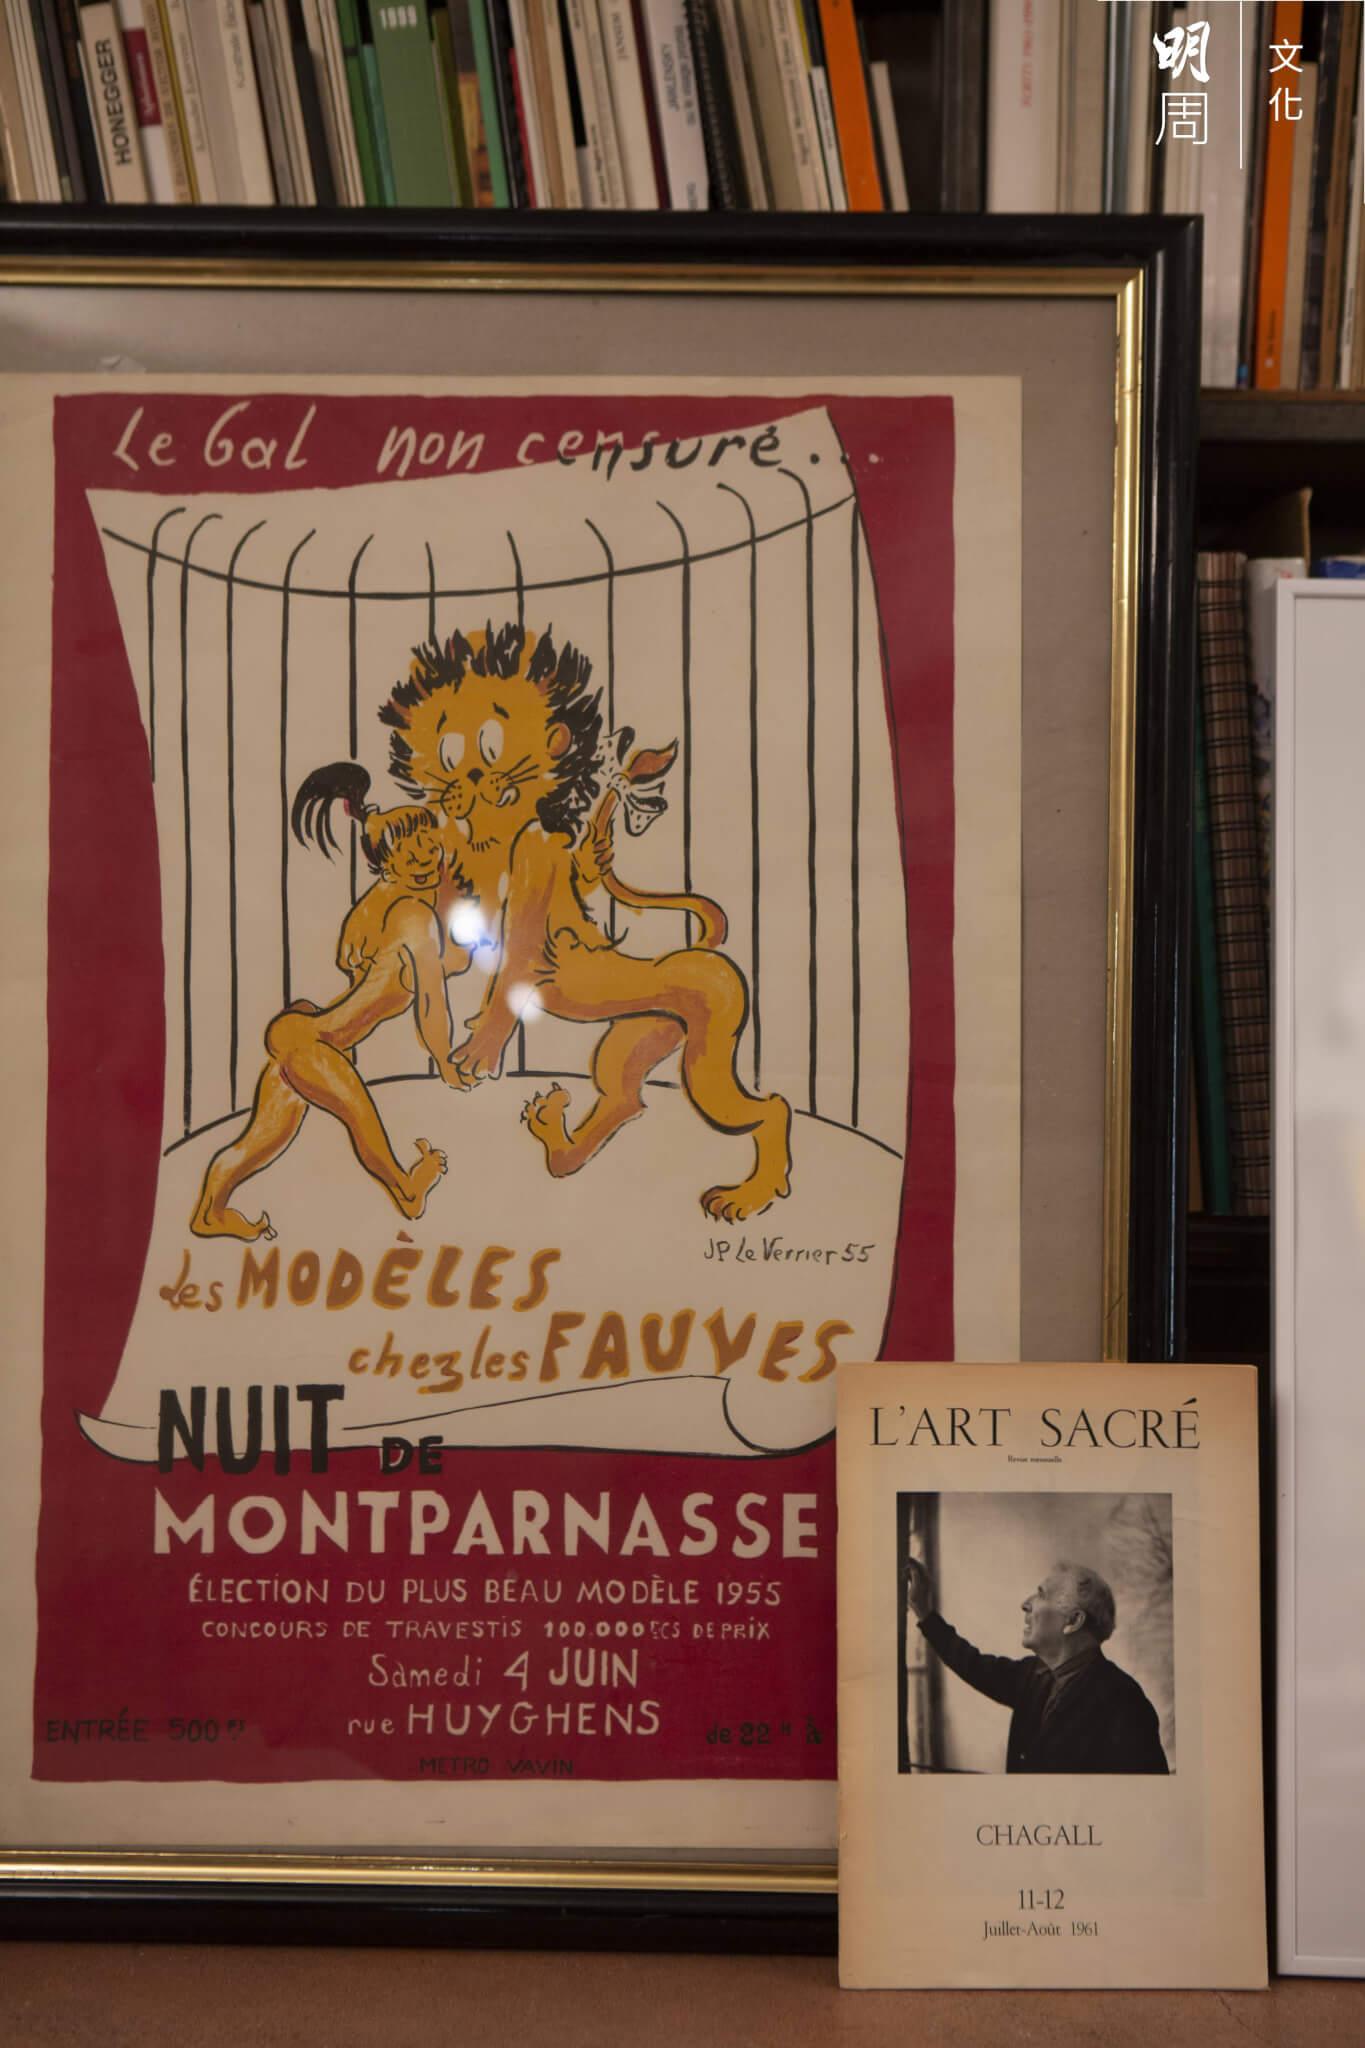 書店滿是舊書舊海報。我買了圖中以夏卡爾為封面的單色雜誌《L'Art sacré》。原來《L'Art sacré》以前在法國是本有地位的藝術雜誌,一九三五年創刊,一九六九年停刊。